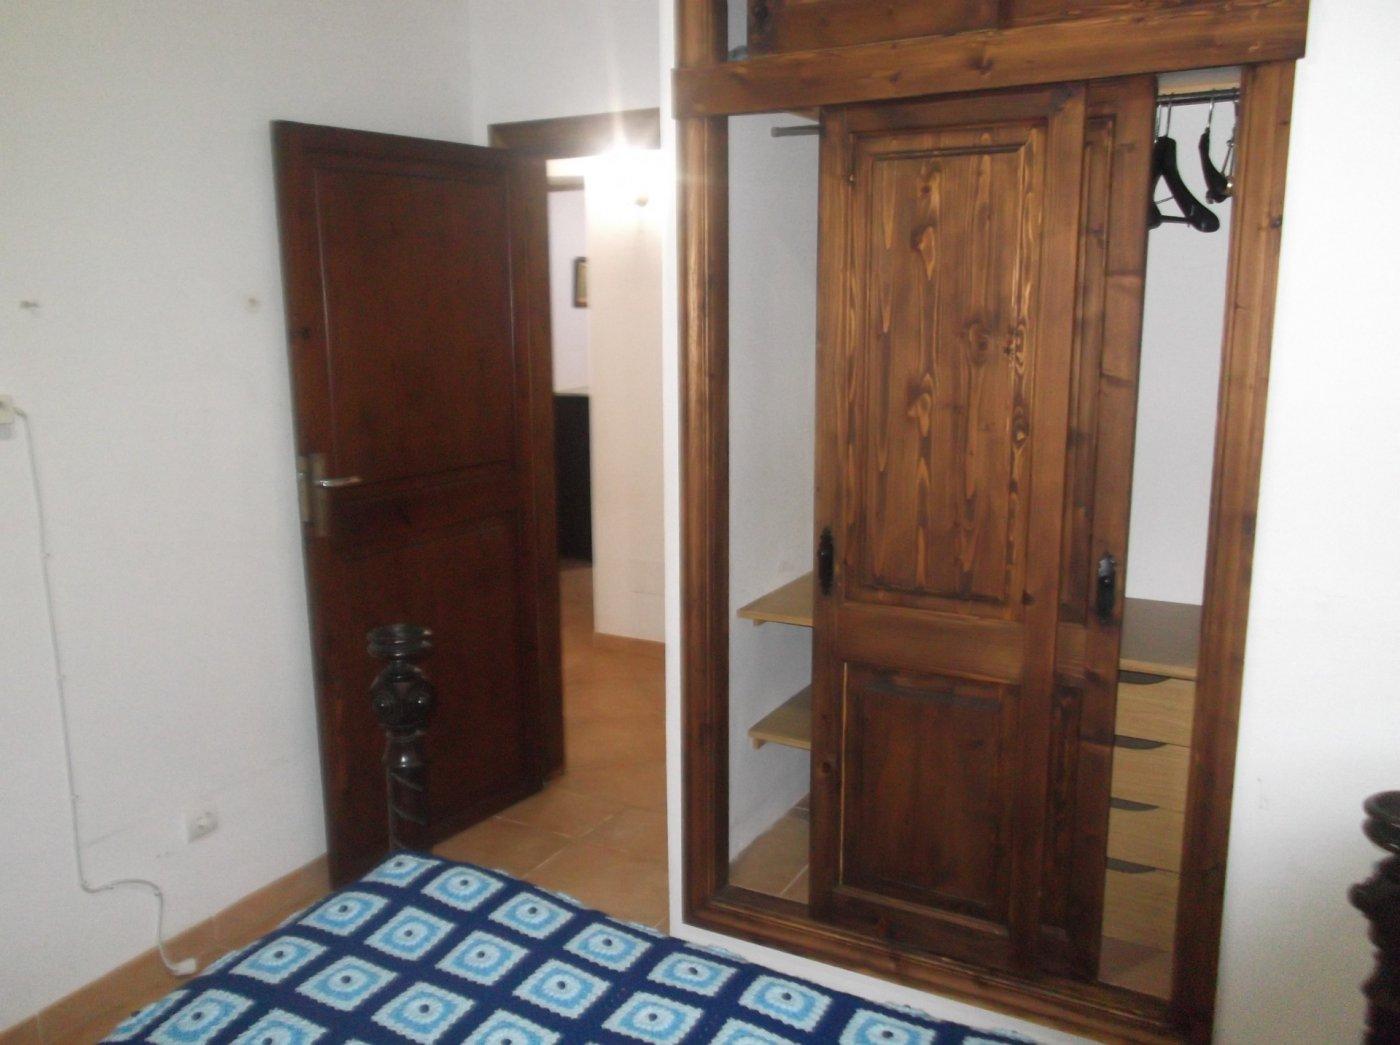 En venta casa de pueblo reformada 3 alturas estilo mallorquin centro llucmajor - imagenInmueble19